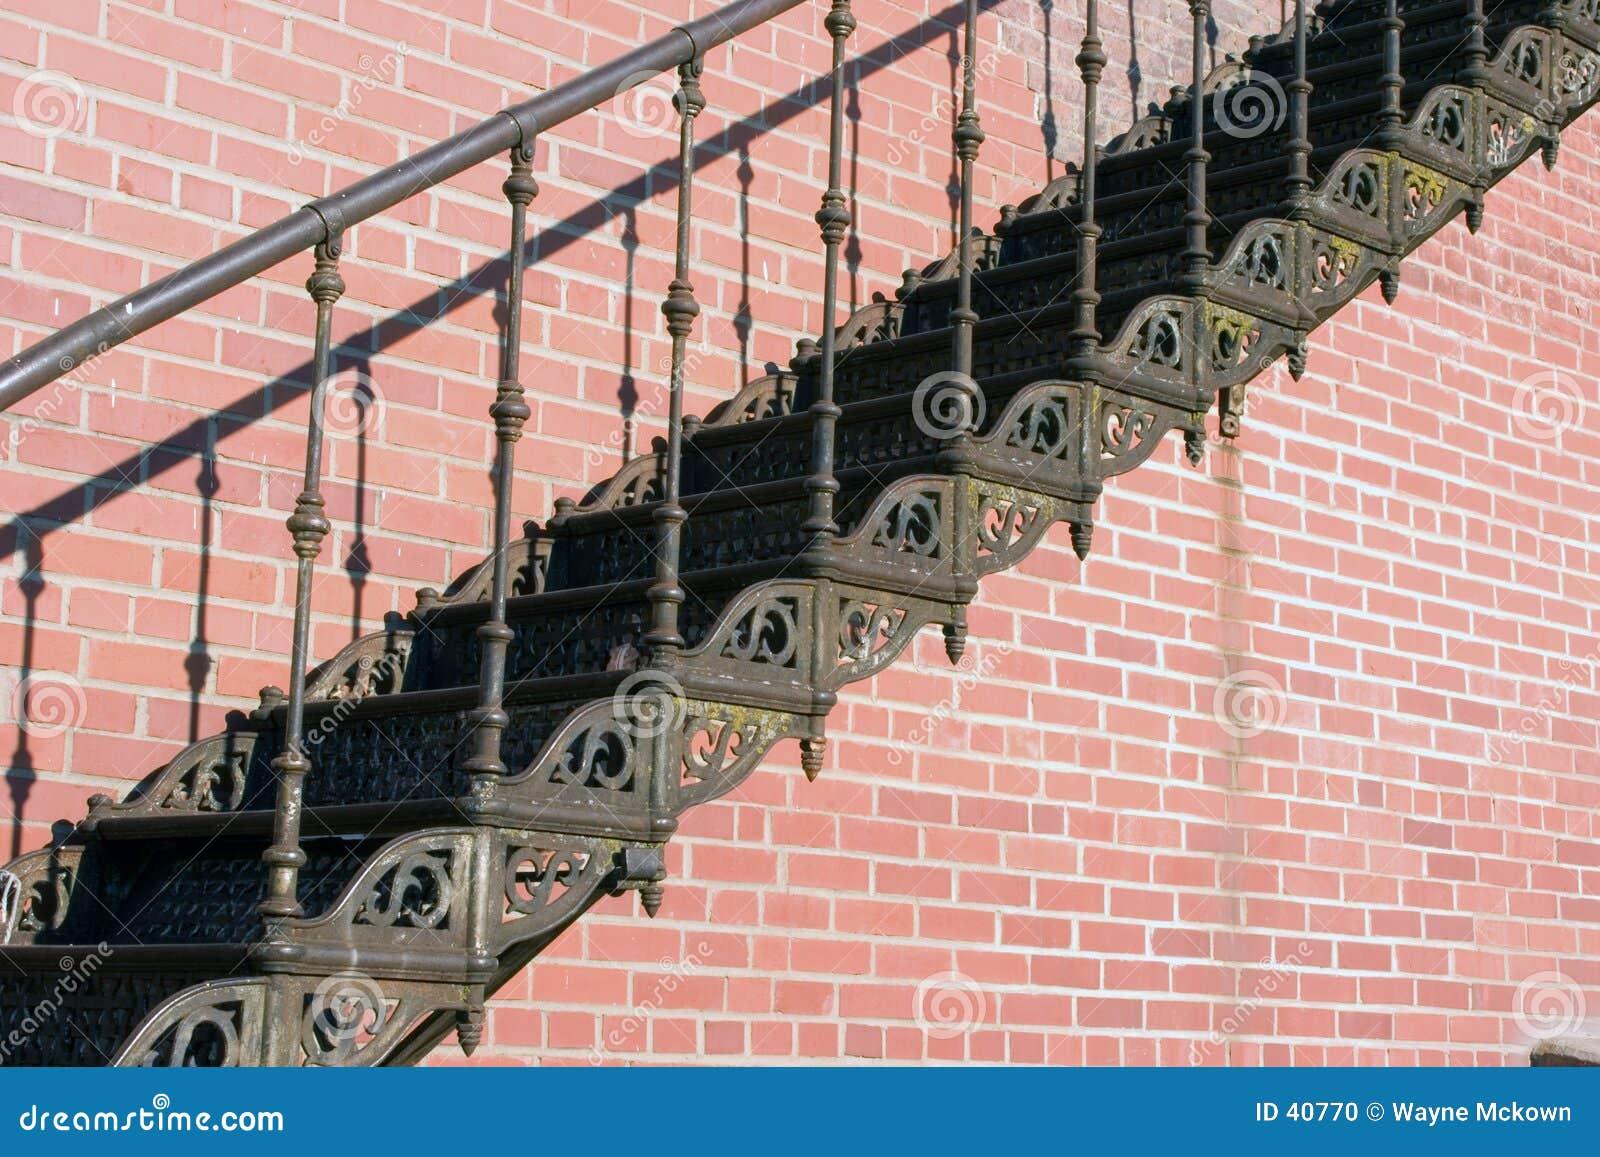 Vieux escaliers de fer